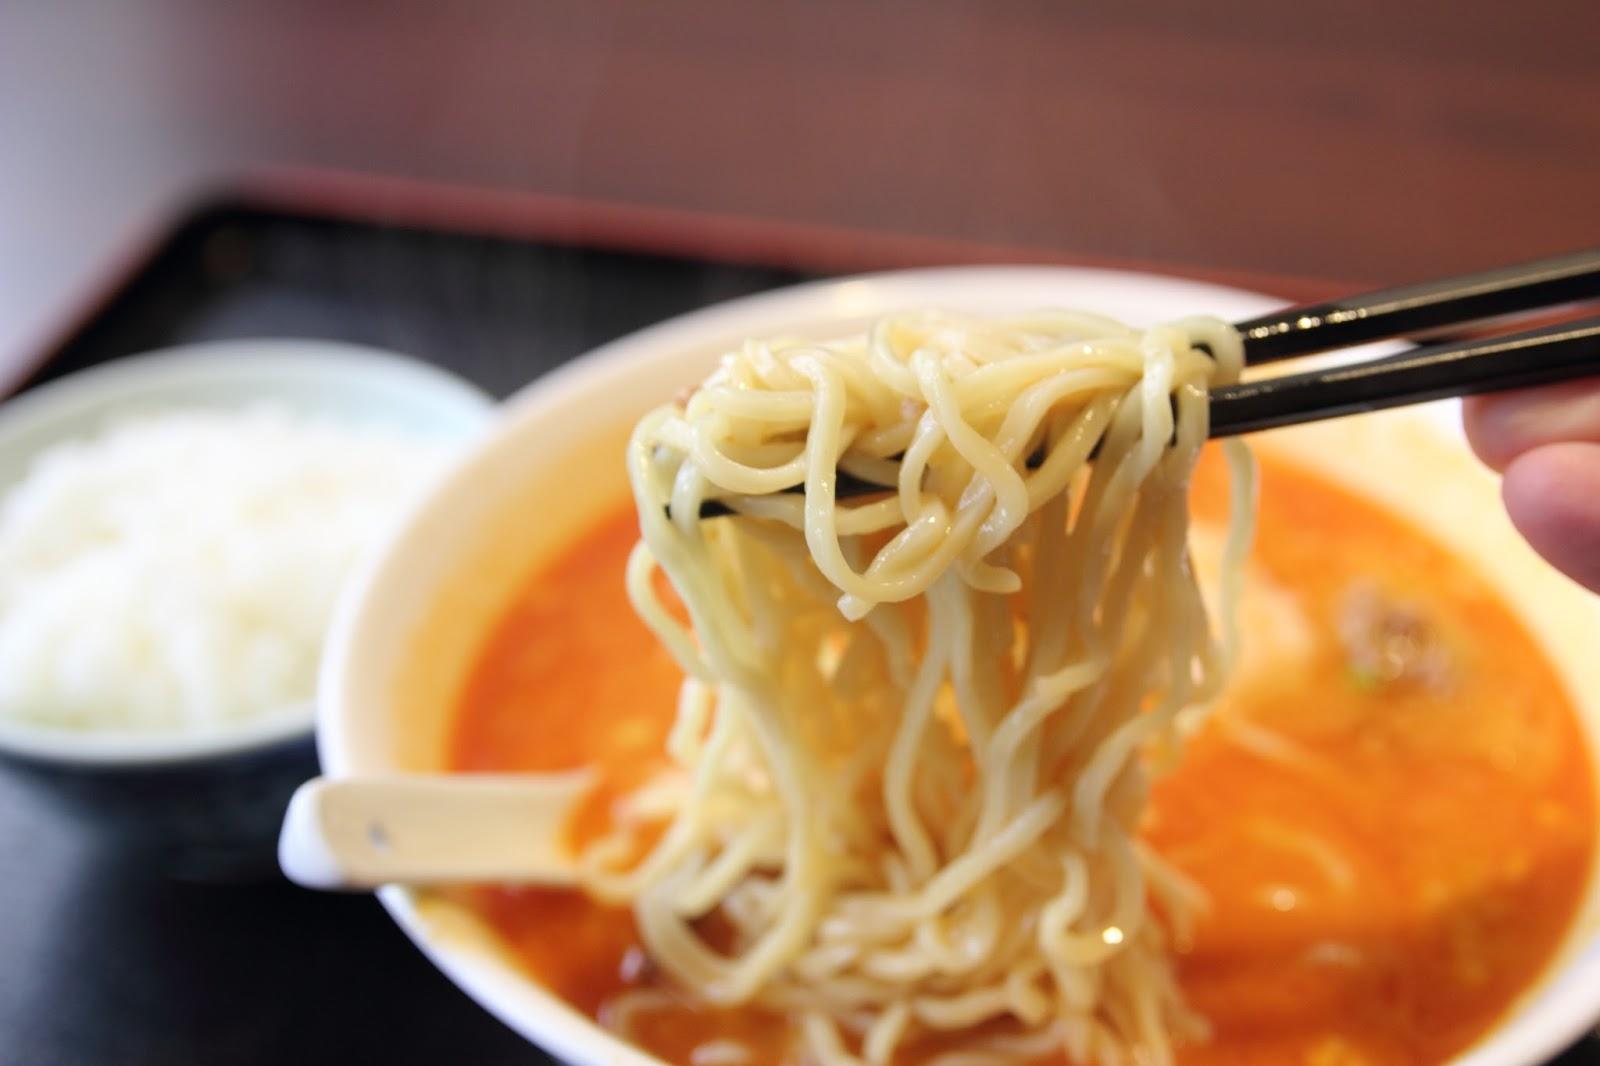 中華菜館 五丈原